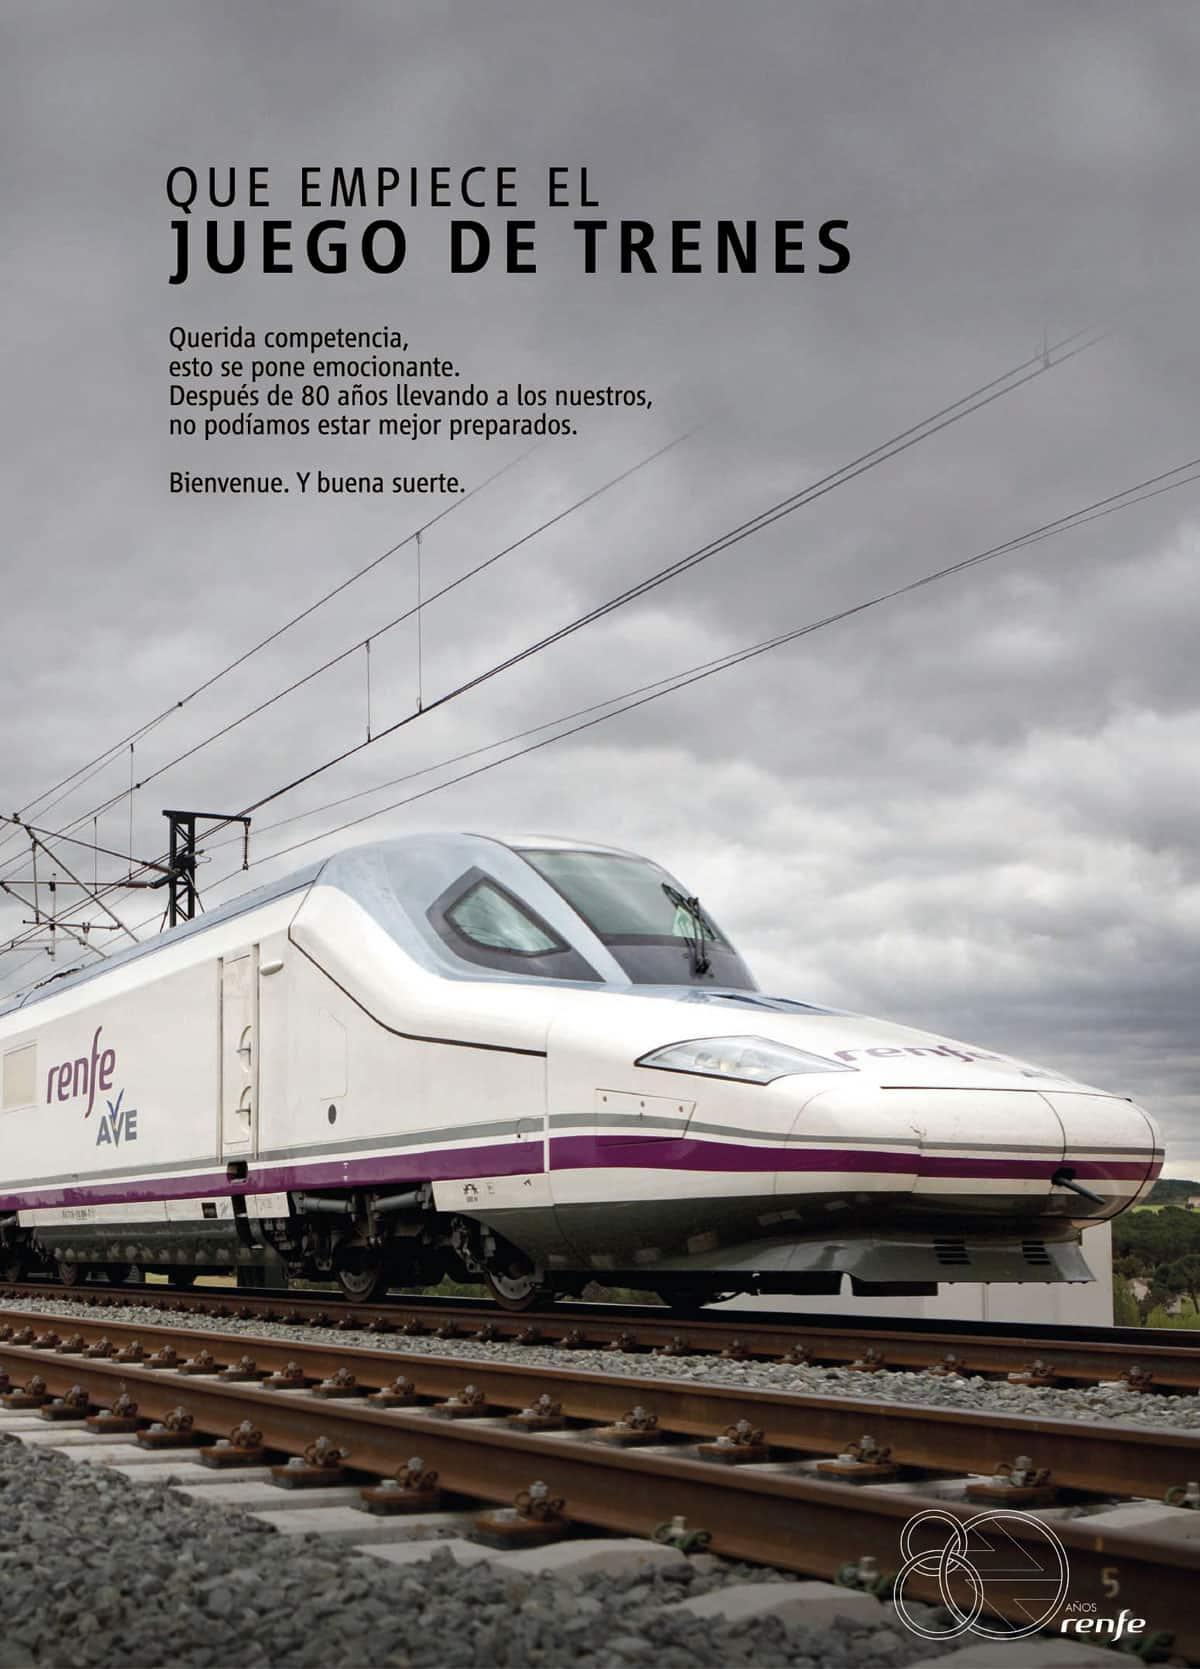 Juego de Trenes Renfe gráfica